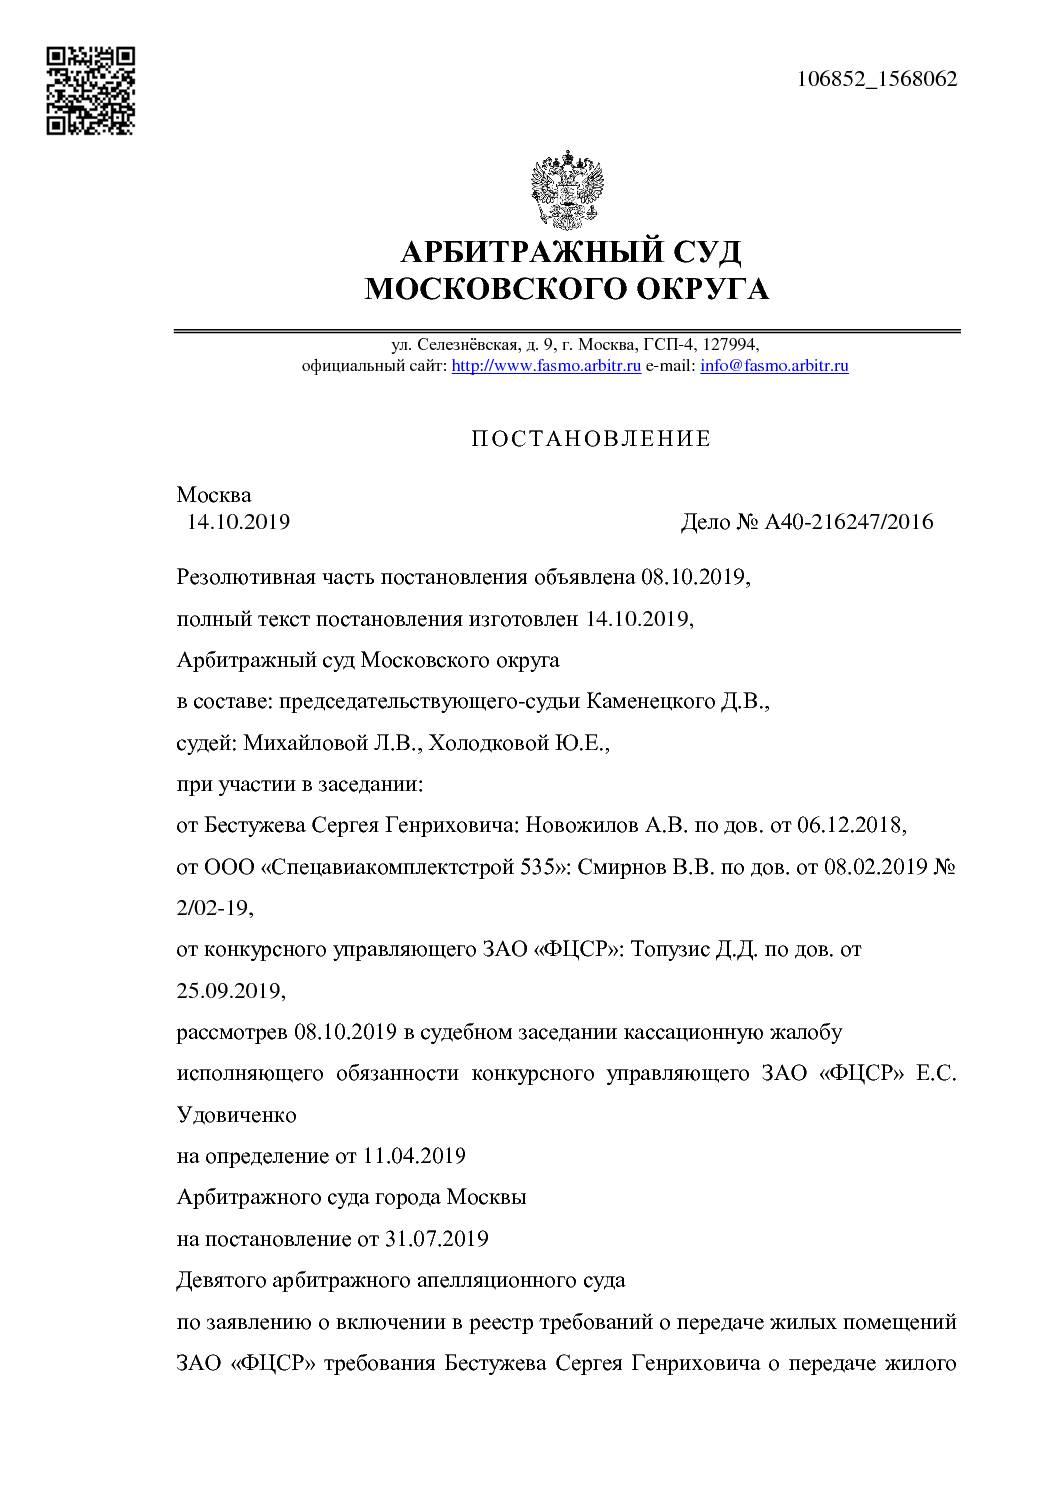 Определение Арбитражного суда по делу №A40-216247-2016 от 14 октября 2019 года